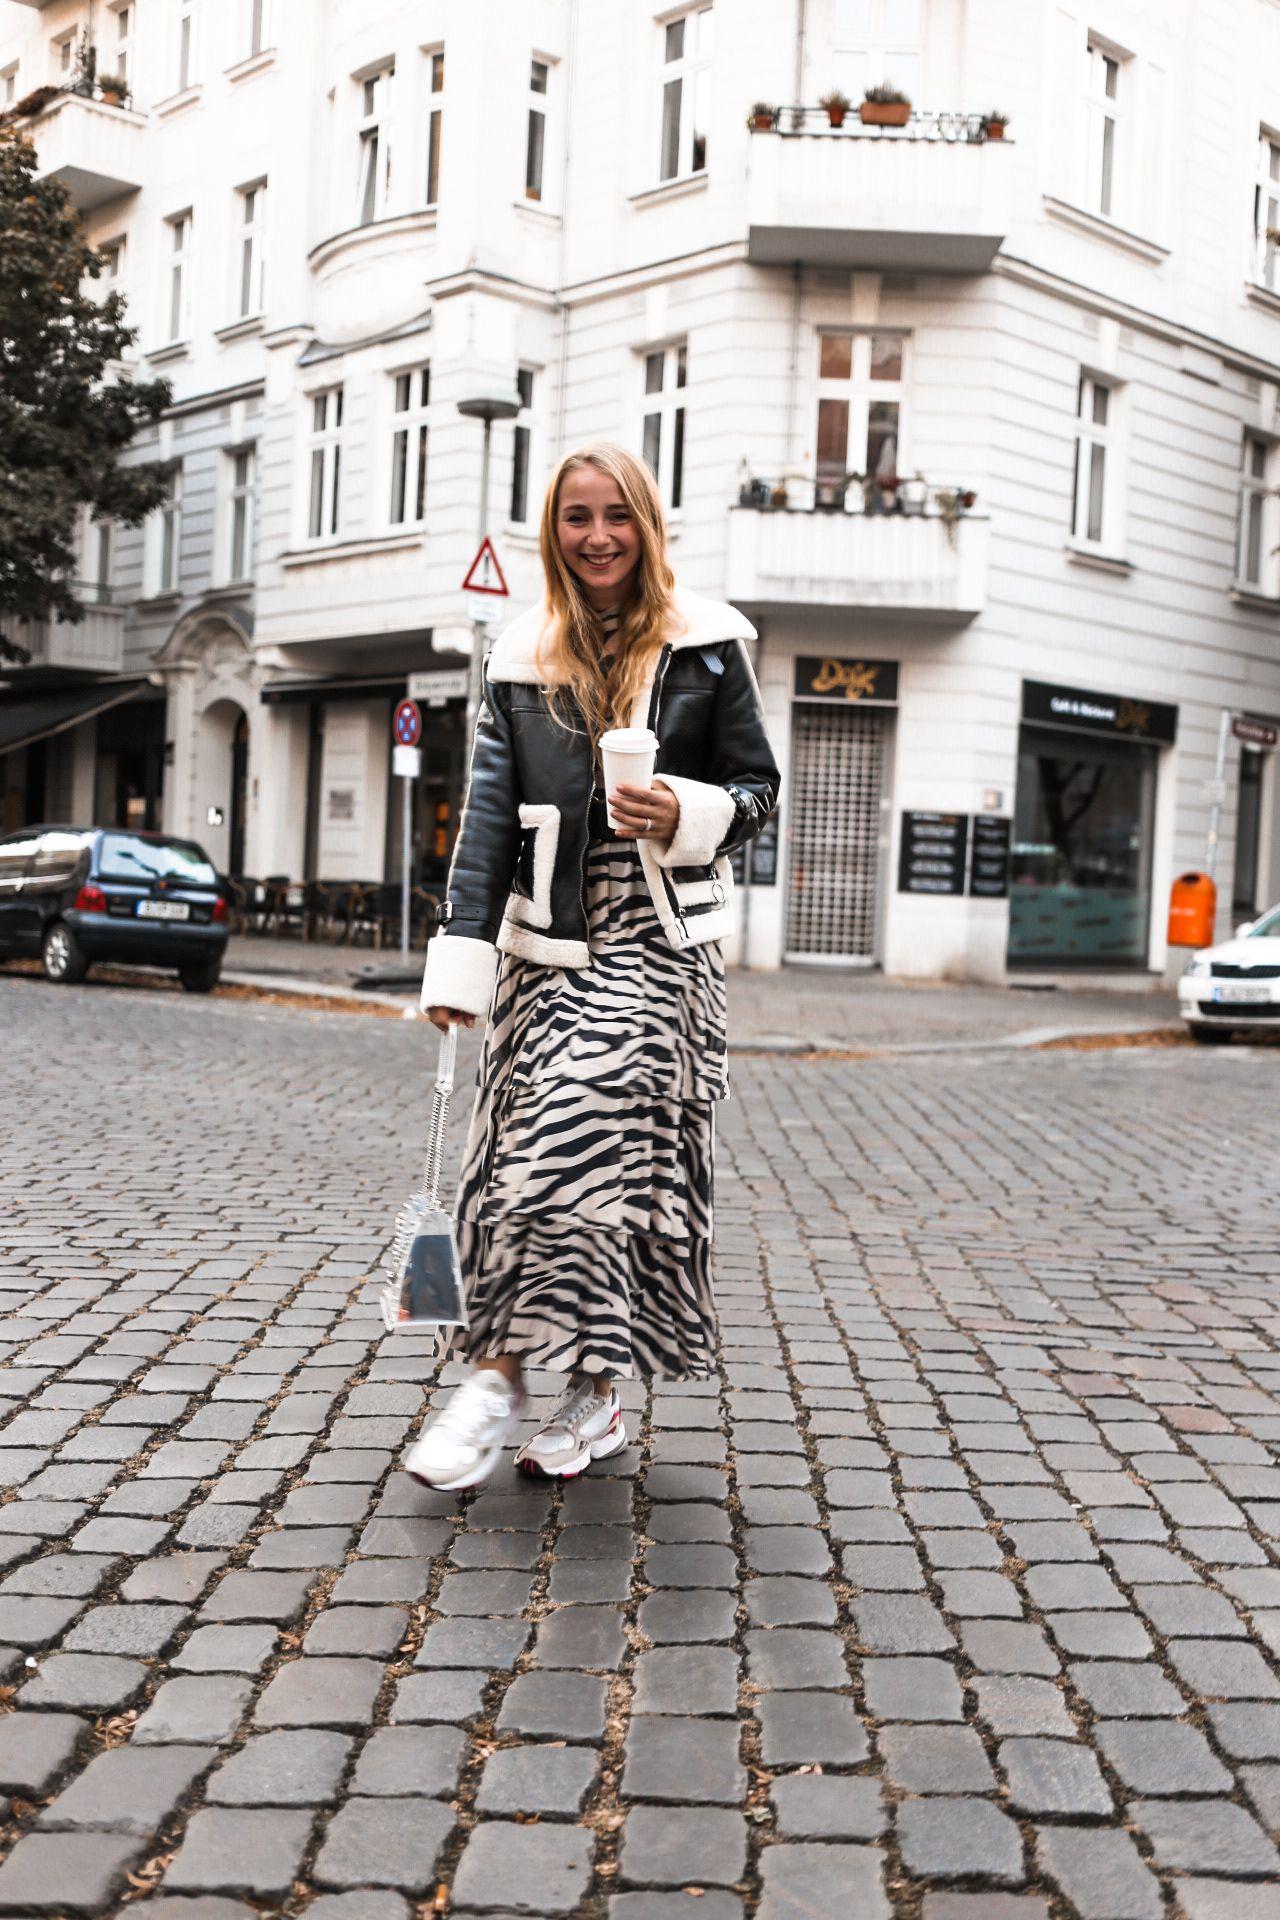 Herbst Outfit: Auffälliges Zebrakleid und schwarze Biker Jacke